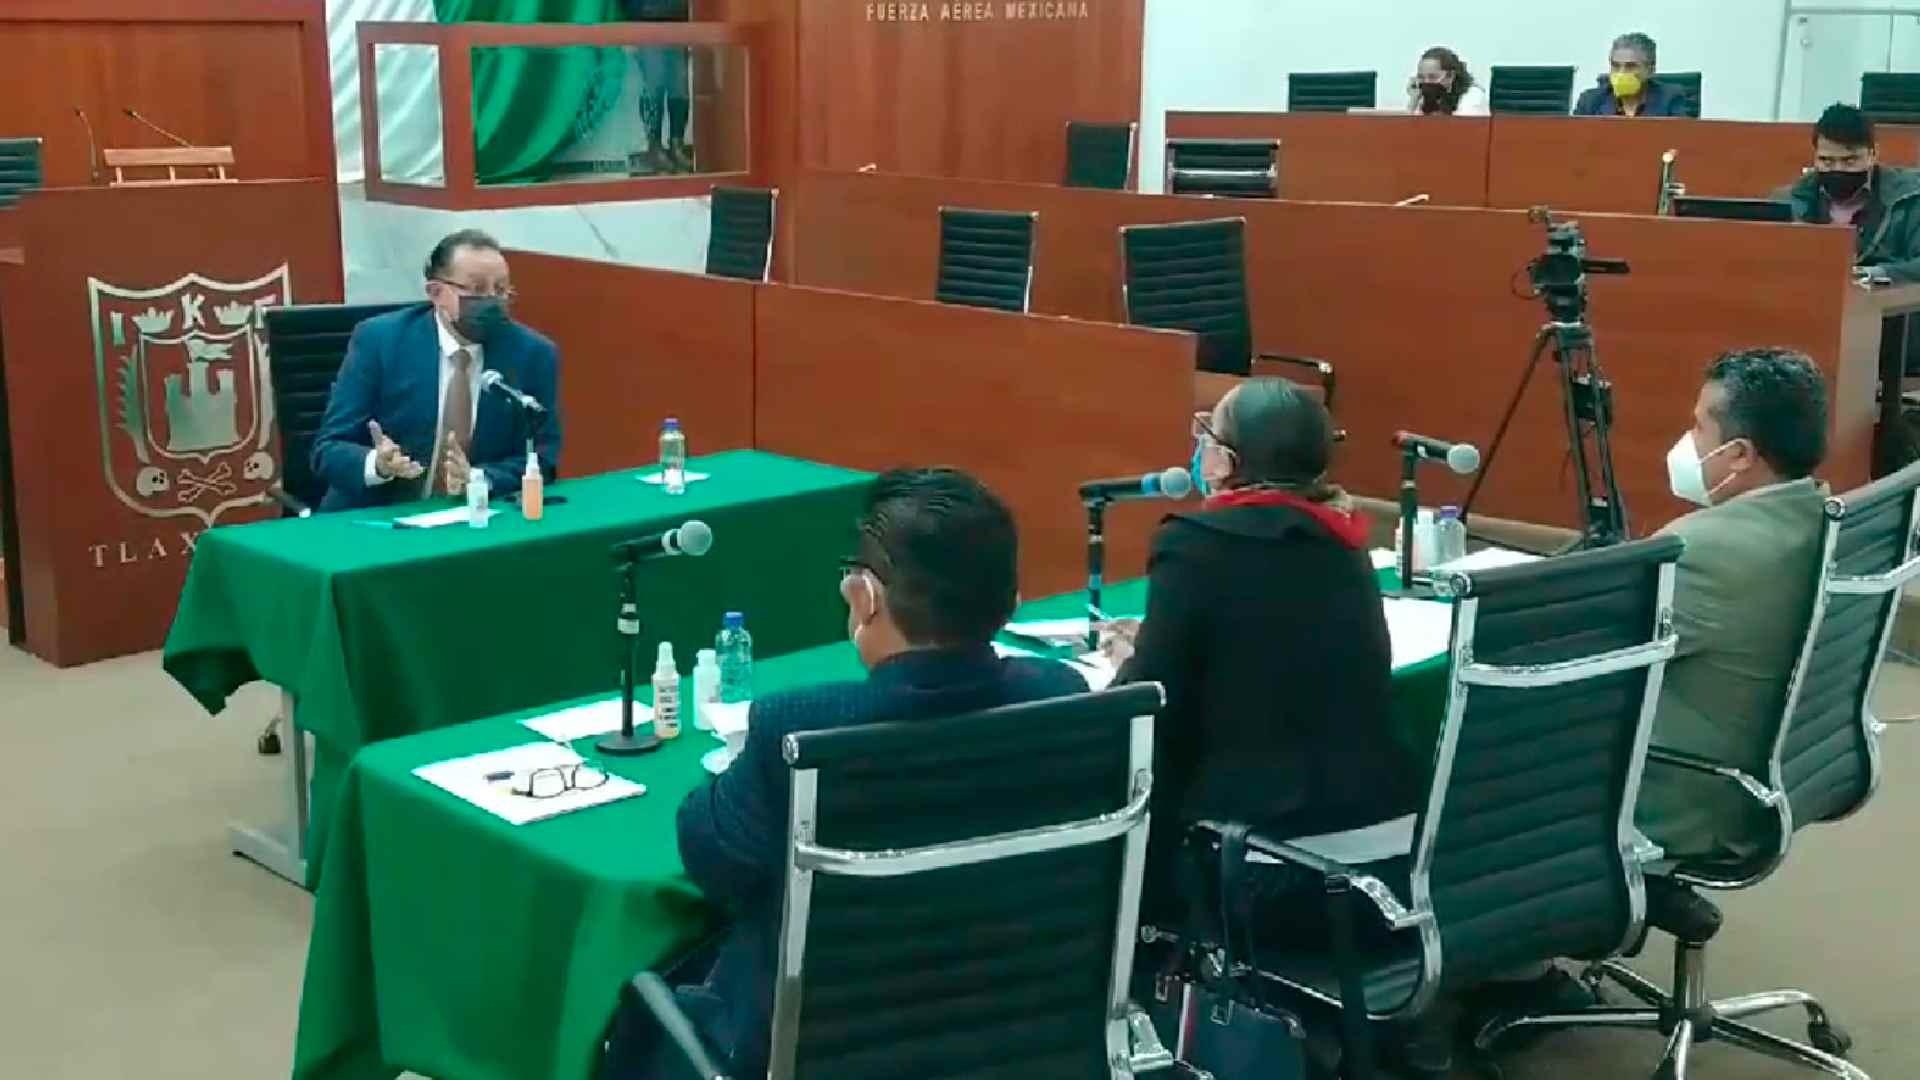 CEDHT-CEDH-Comisión Estatal de Derechos Humanos Tlaxcala-Victor Manuel Cid del Prado-Imposición-Releeción-Congreso del Estado